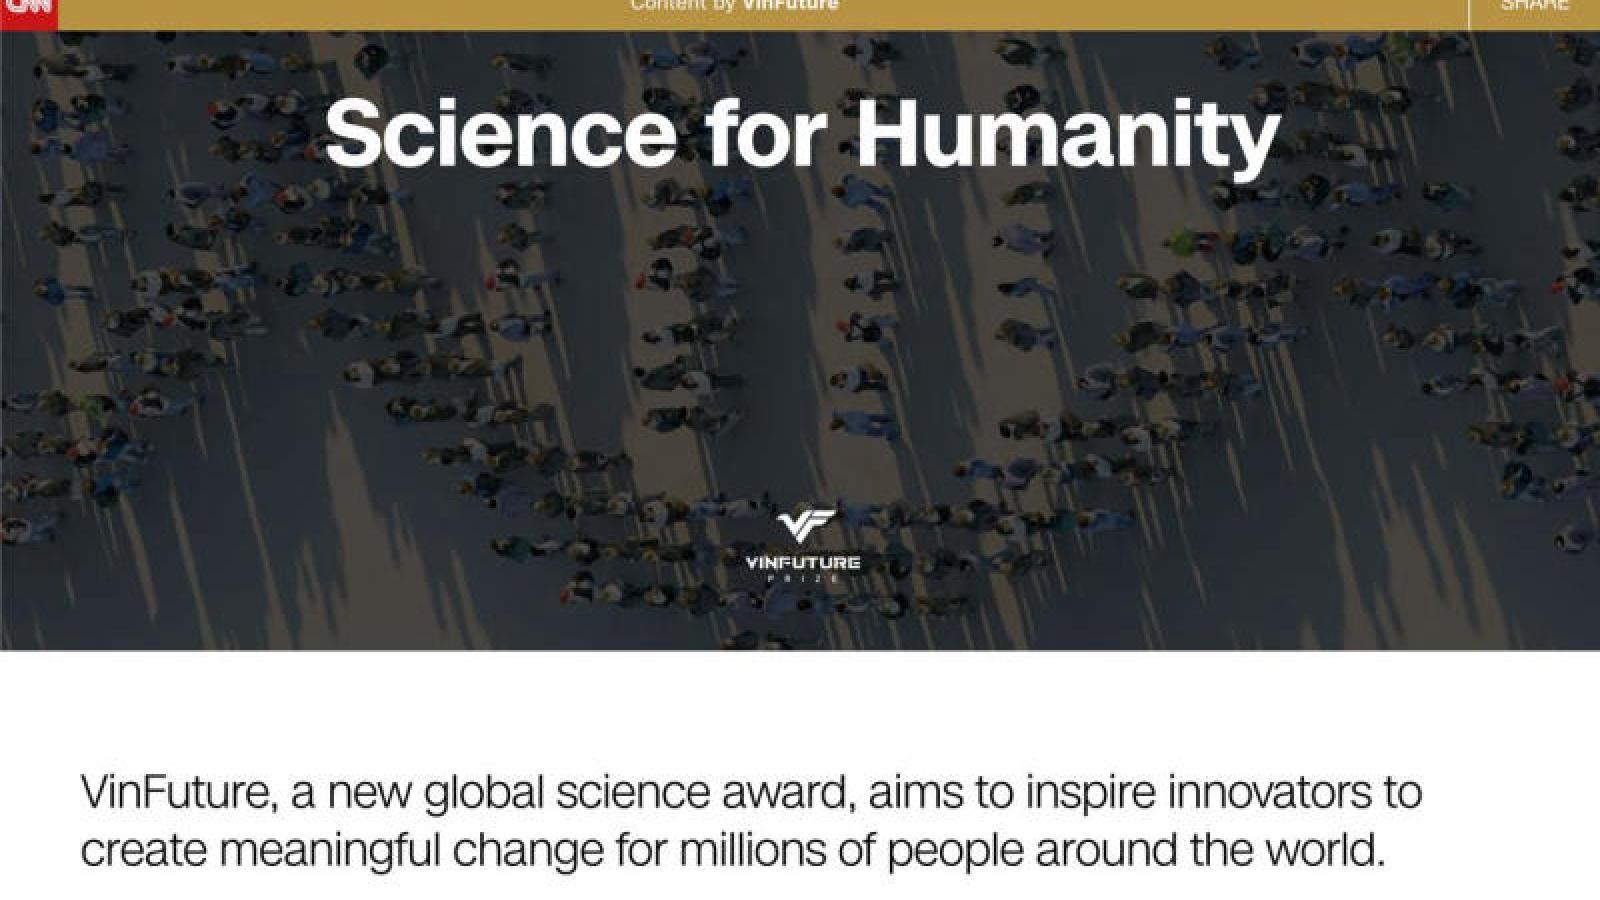 Kênh CNN quảng bá giải thưởng VinFuture trên toàn cầu